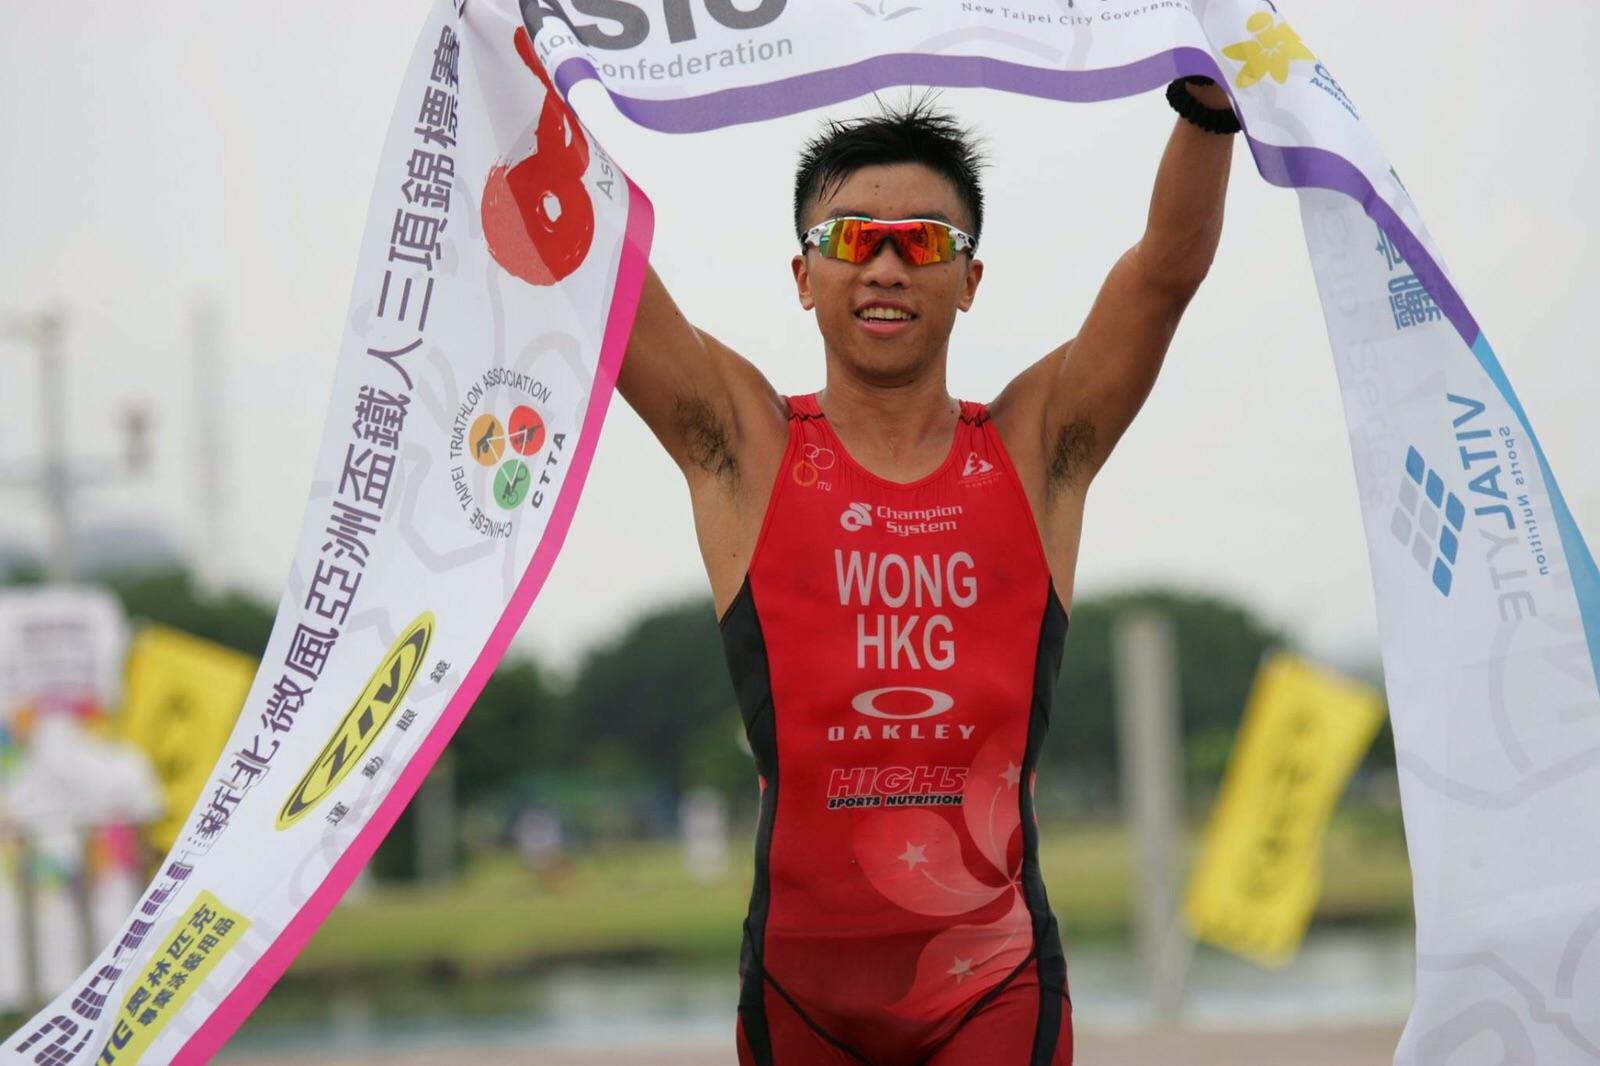 Perry Wong黃俊堯就係香港三項鐵人隊成員(超過7年),參加過好多國際賽,包括2014年仁川亞運會。